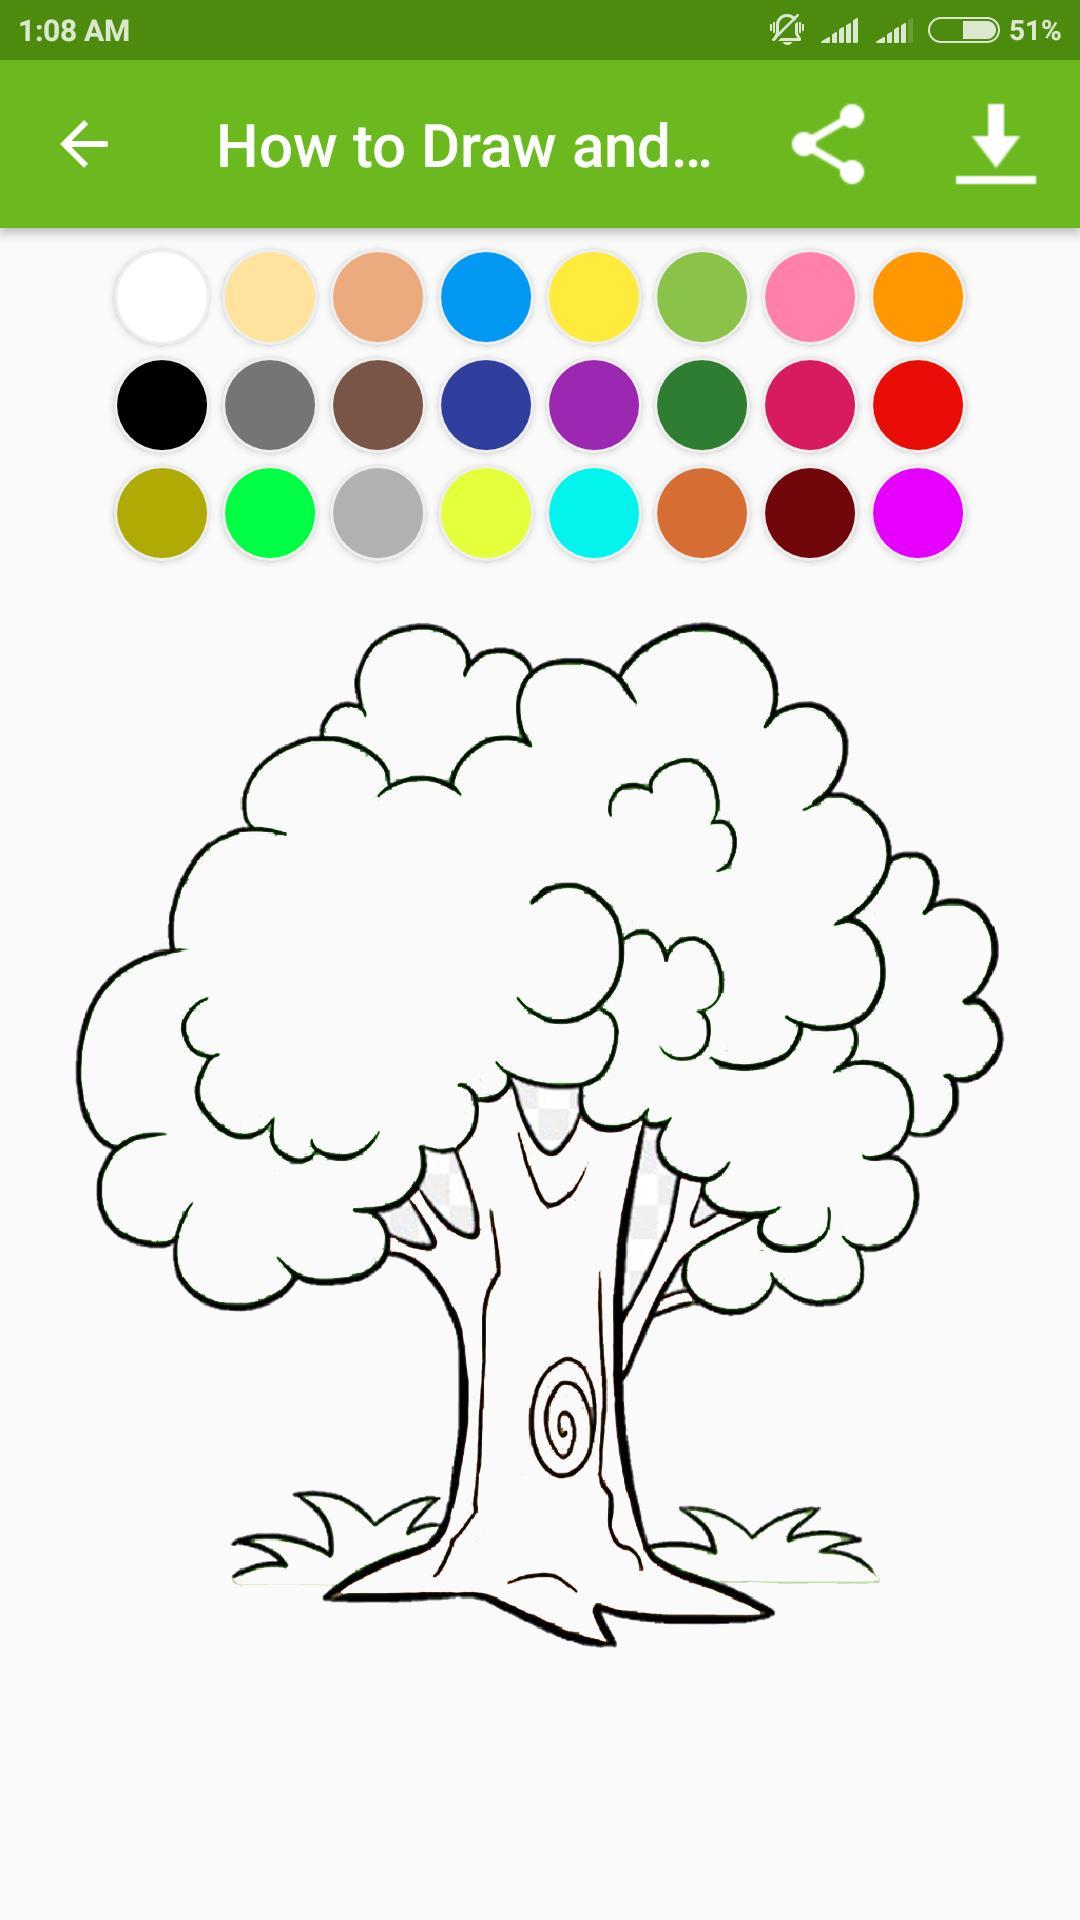 Cara Menggambar Dan Mewarnai Pohon For Android Apk Download